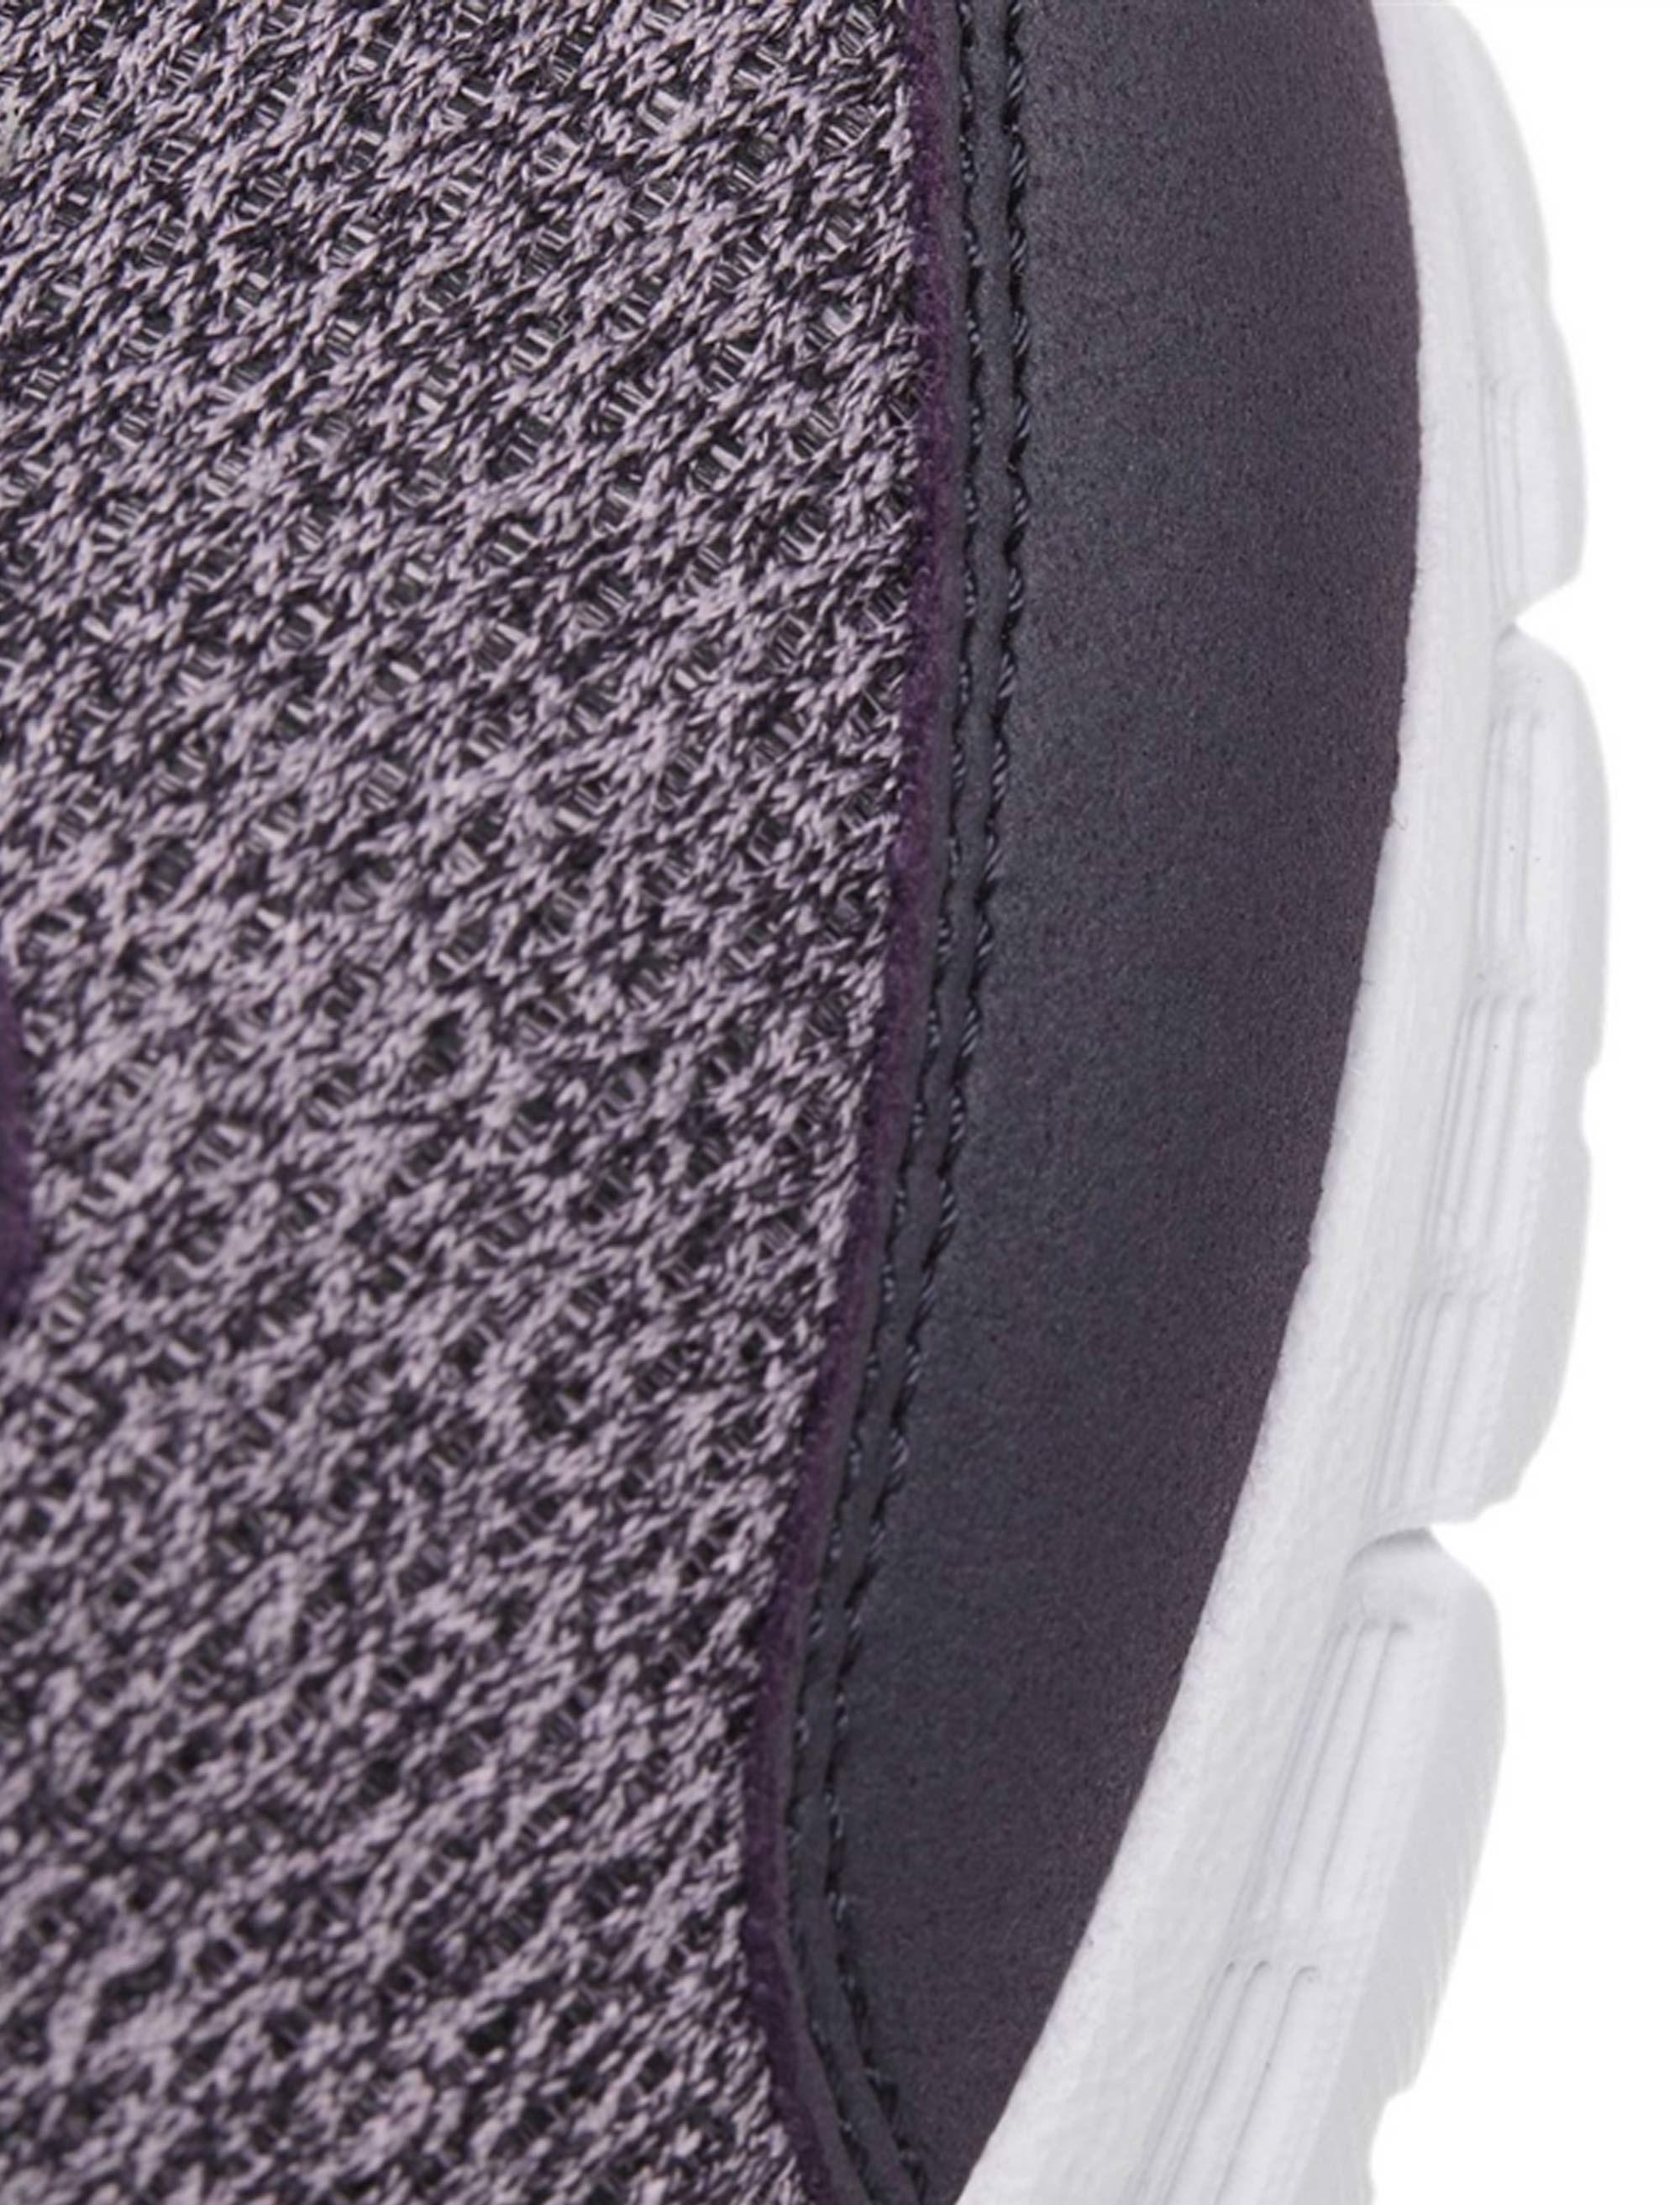 کفش دویدن بندی زنانه Speedlux 3-0 - طوسي - 8